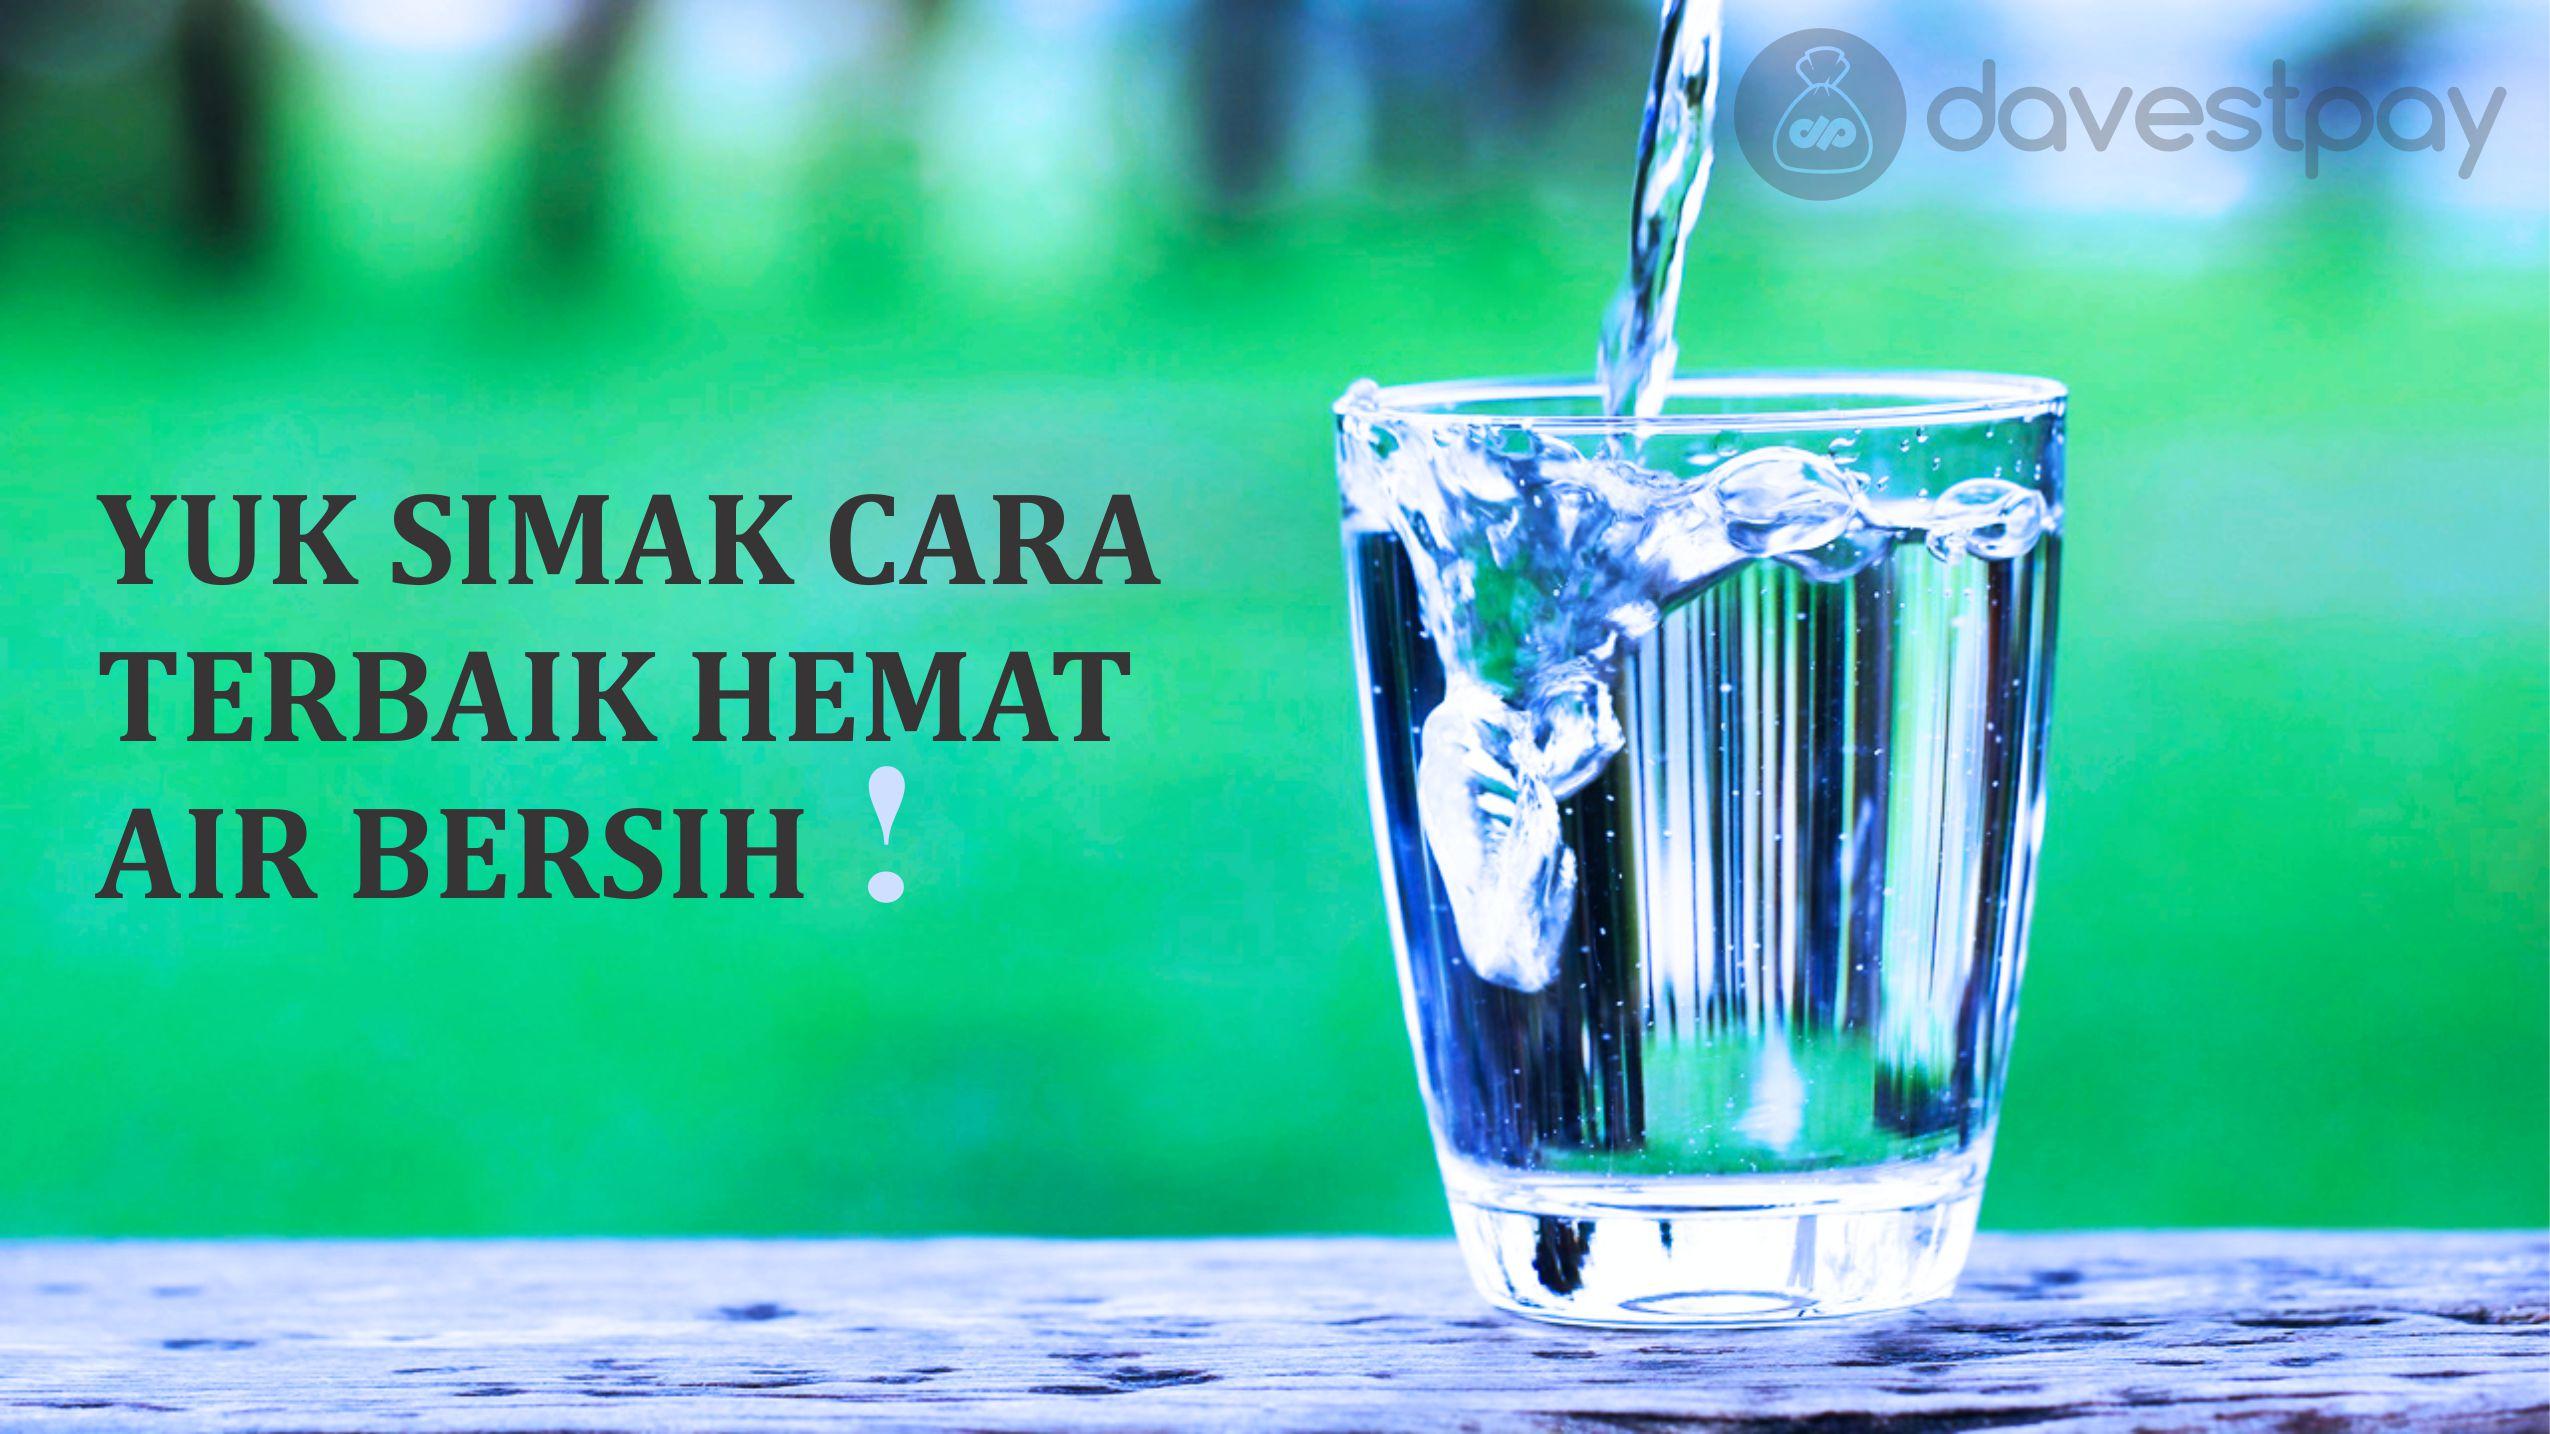 Yuk Simak Cara Terbaik Hemat Air Bersih !